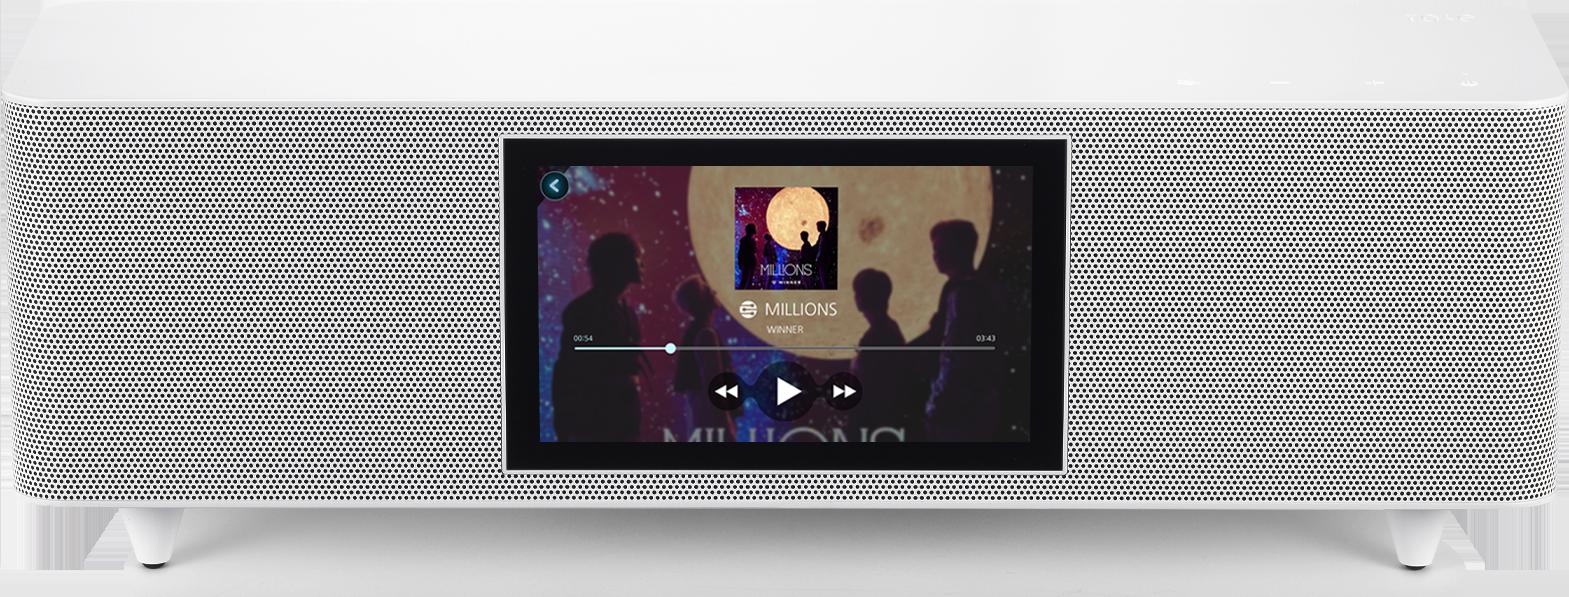 Hifi ROSE RS350 Premium Media Player Made In Korea 5cd9339c132fa